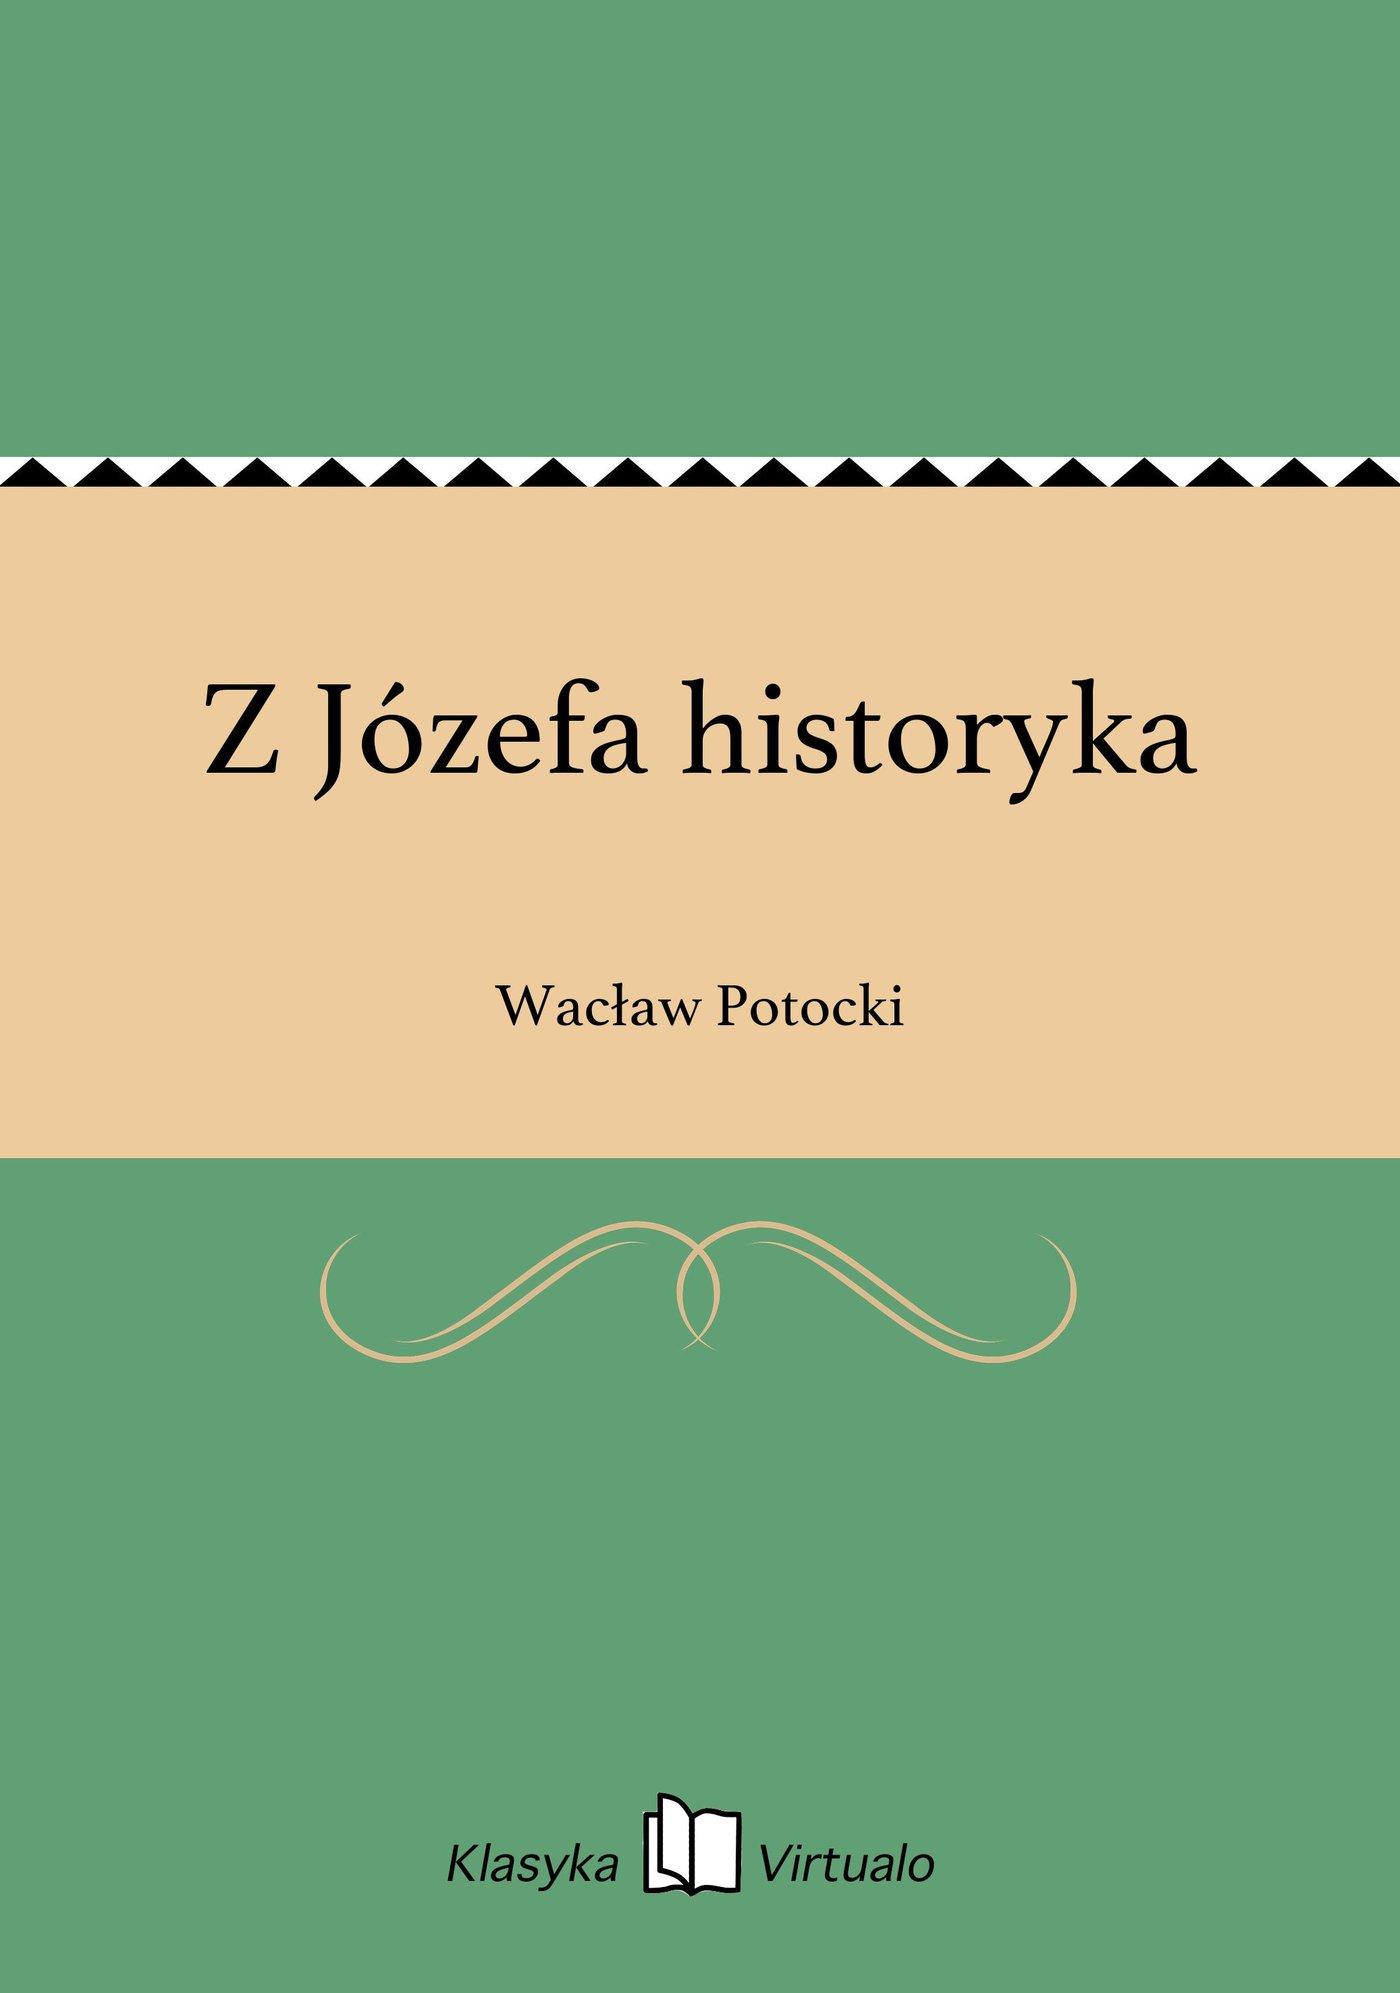 Z Józefa historyka - Ebook (Książka EPUB) do pobrania w formacie EPUB